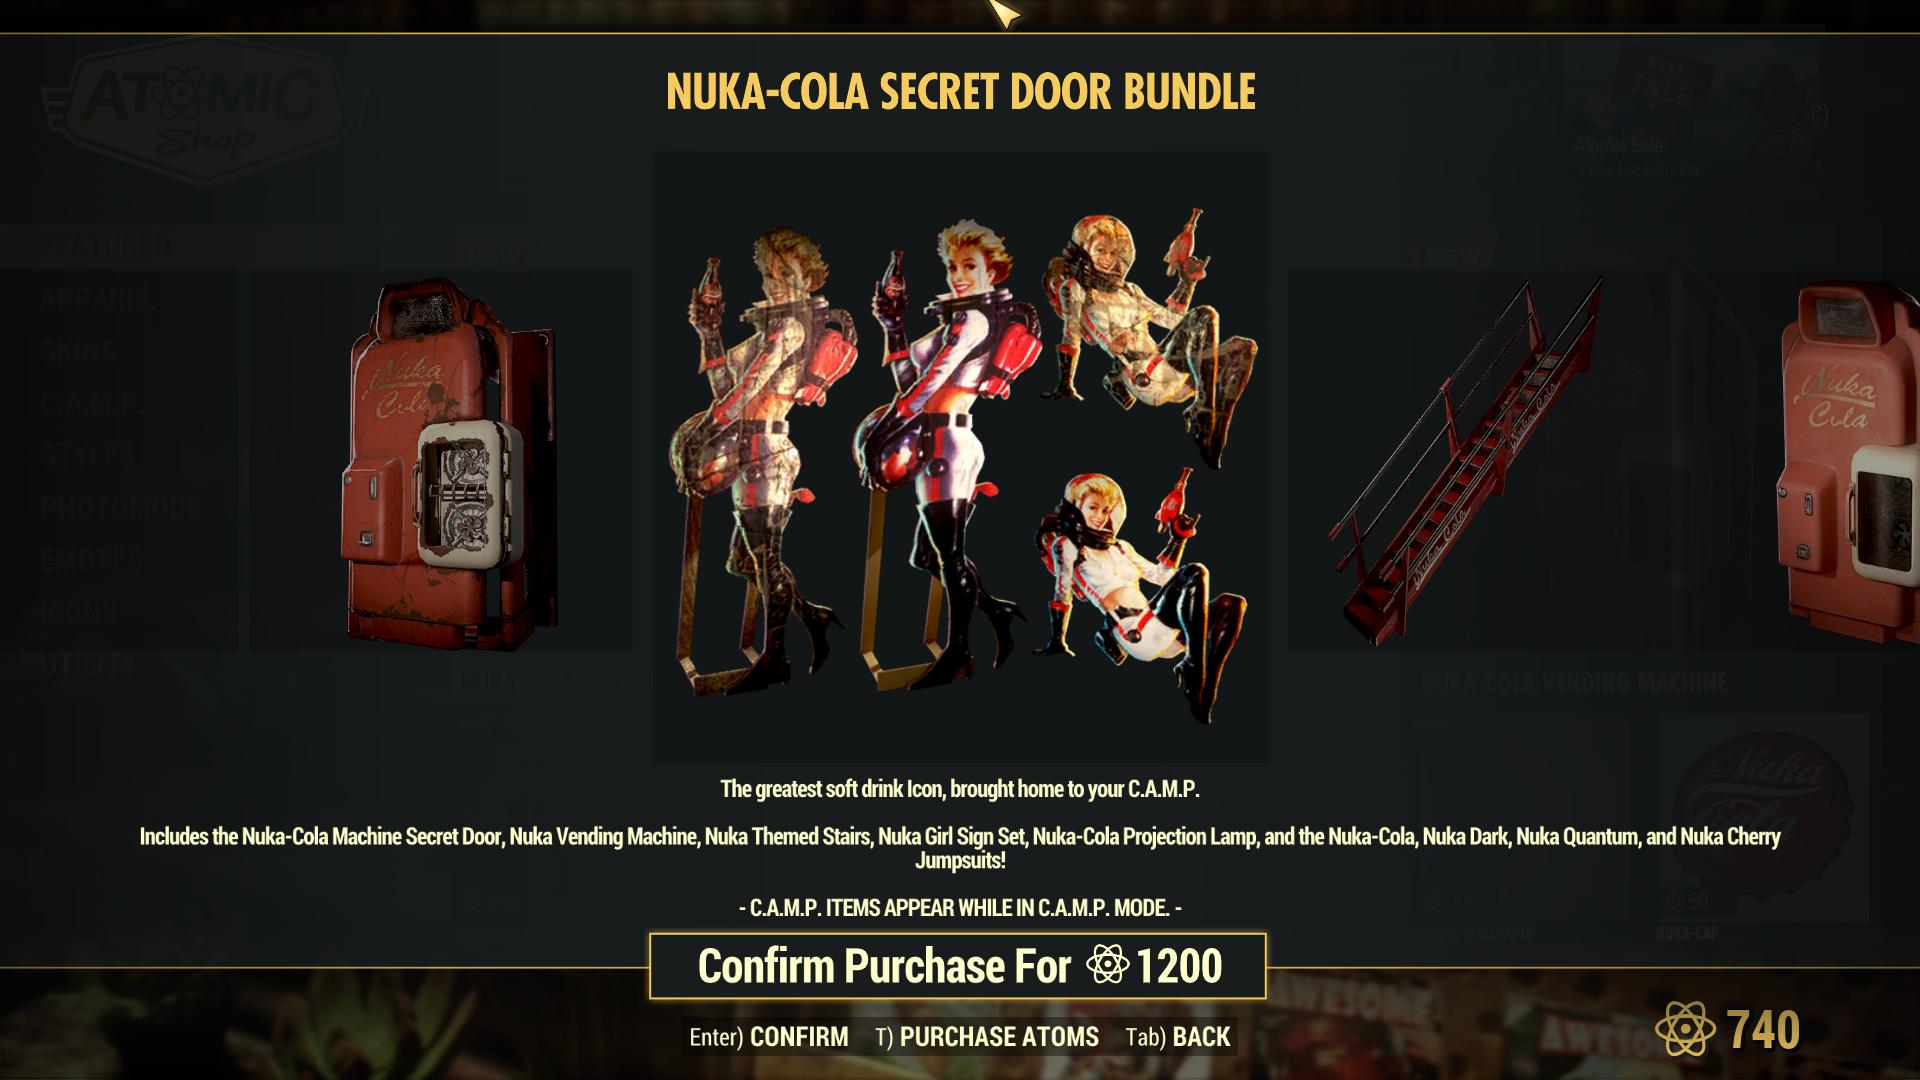 Nuka-Cola Secret Door Bundle